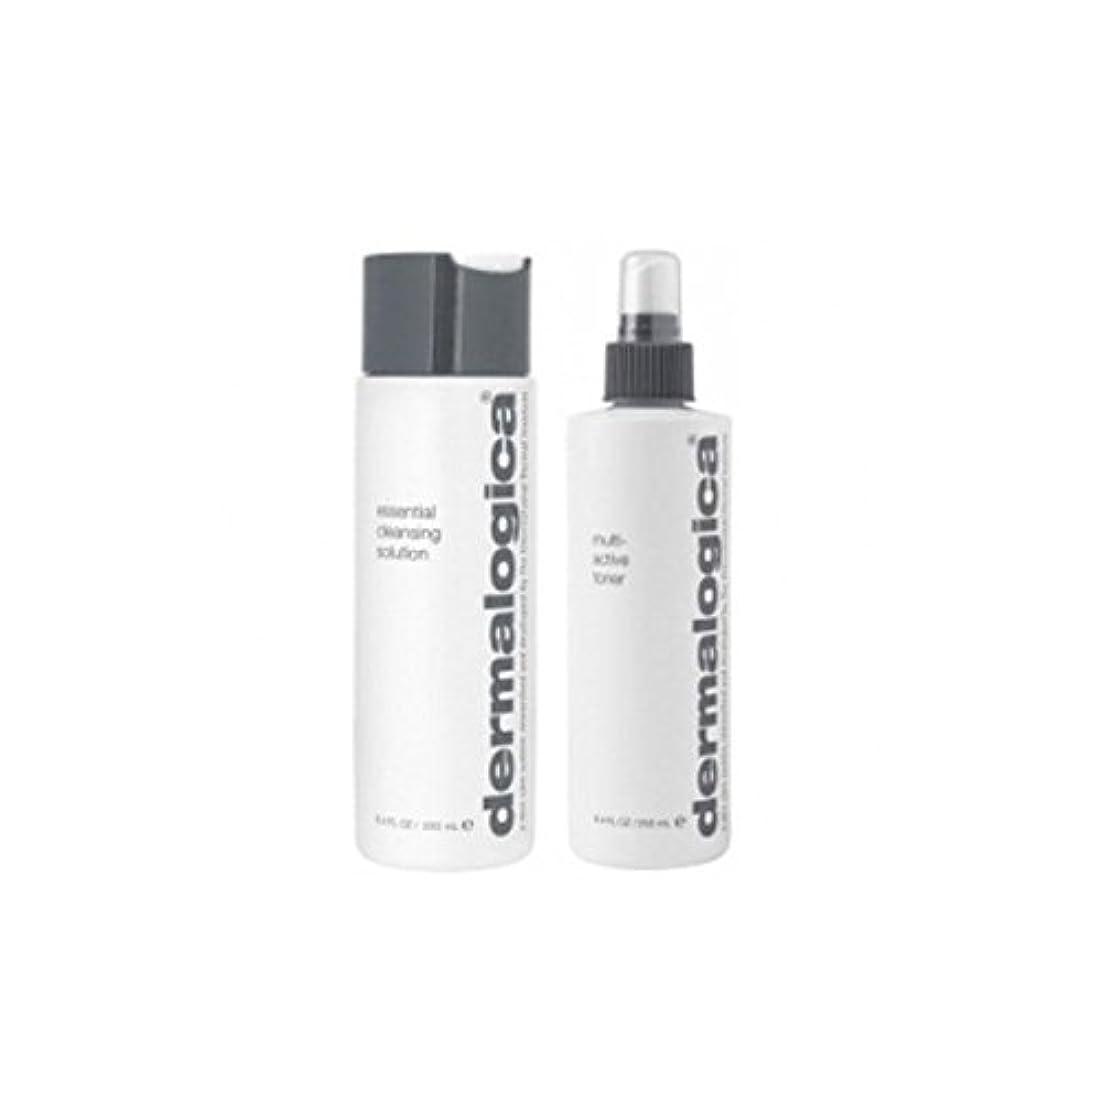 決して仲良し彫るDermalogica Cleanse & Tone Duo - Dry Skin (Pack of 6) - ダーマロジカクレンジング&トーンデュオ - 乾燥肌 x6 [並行輸入品]